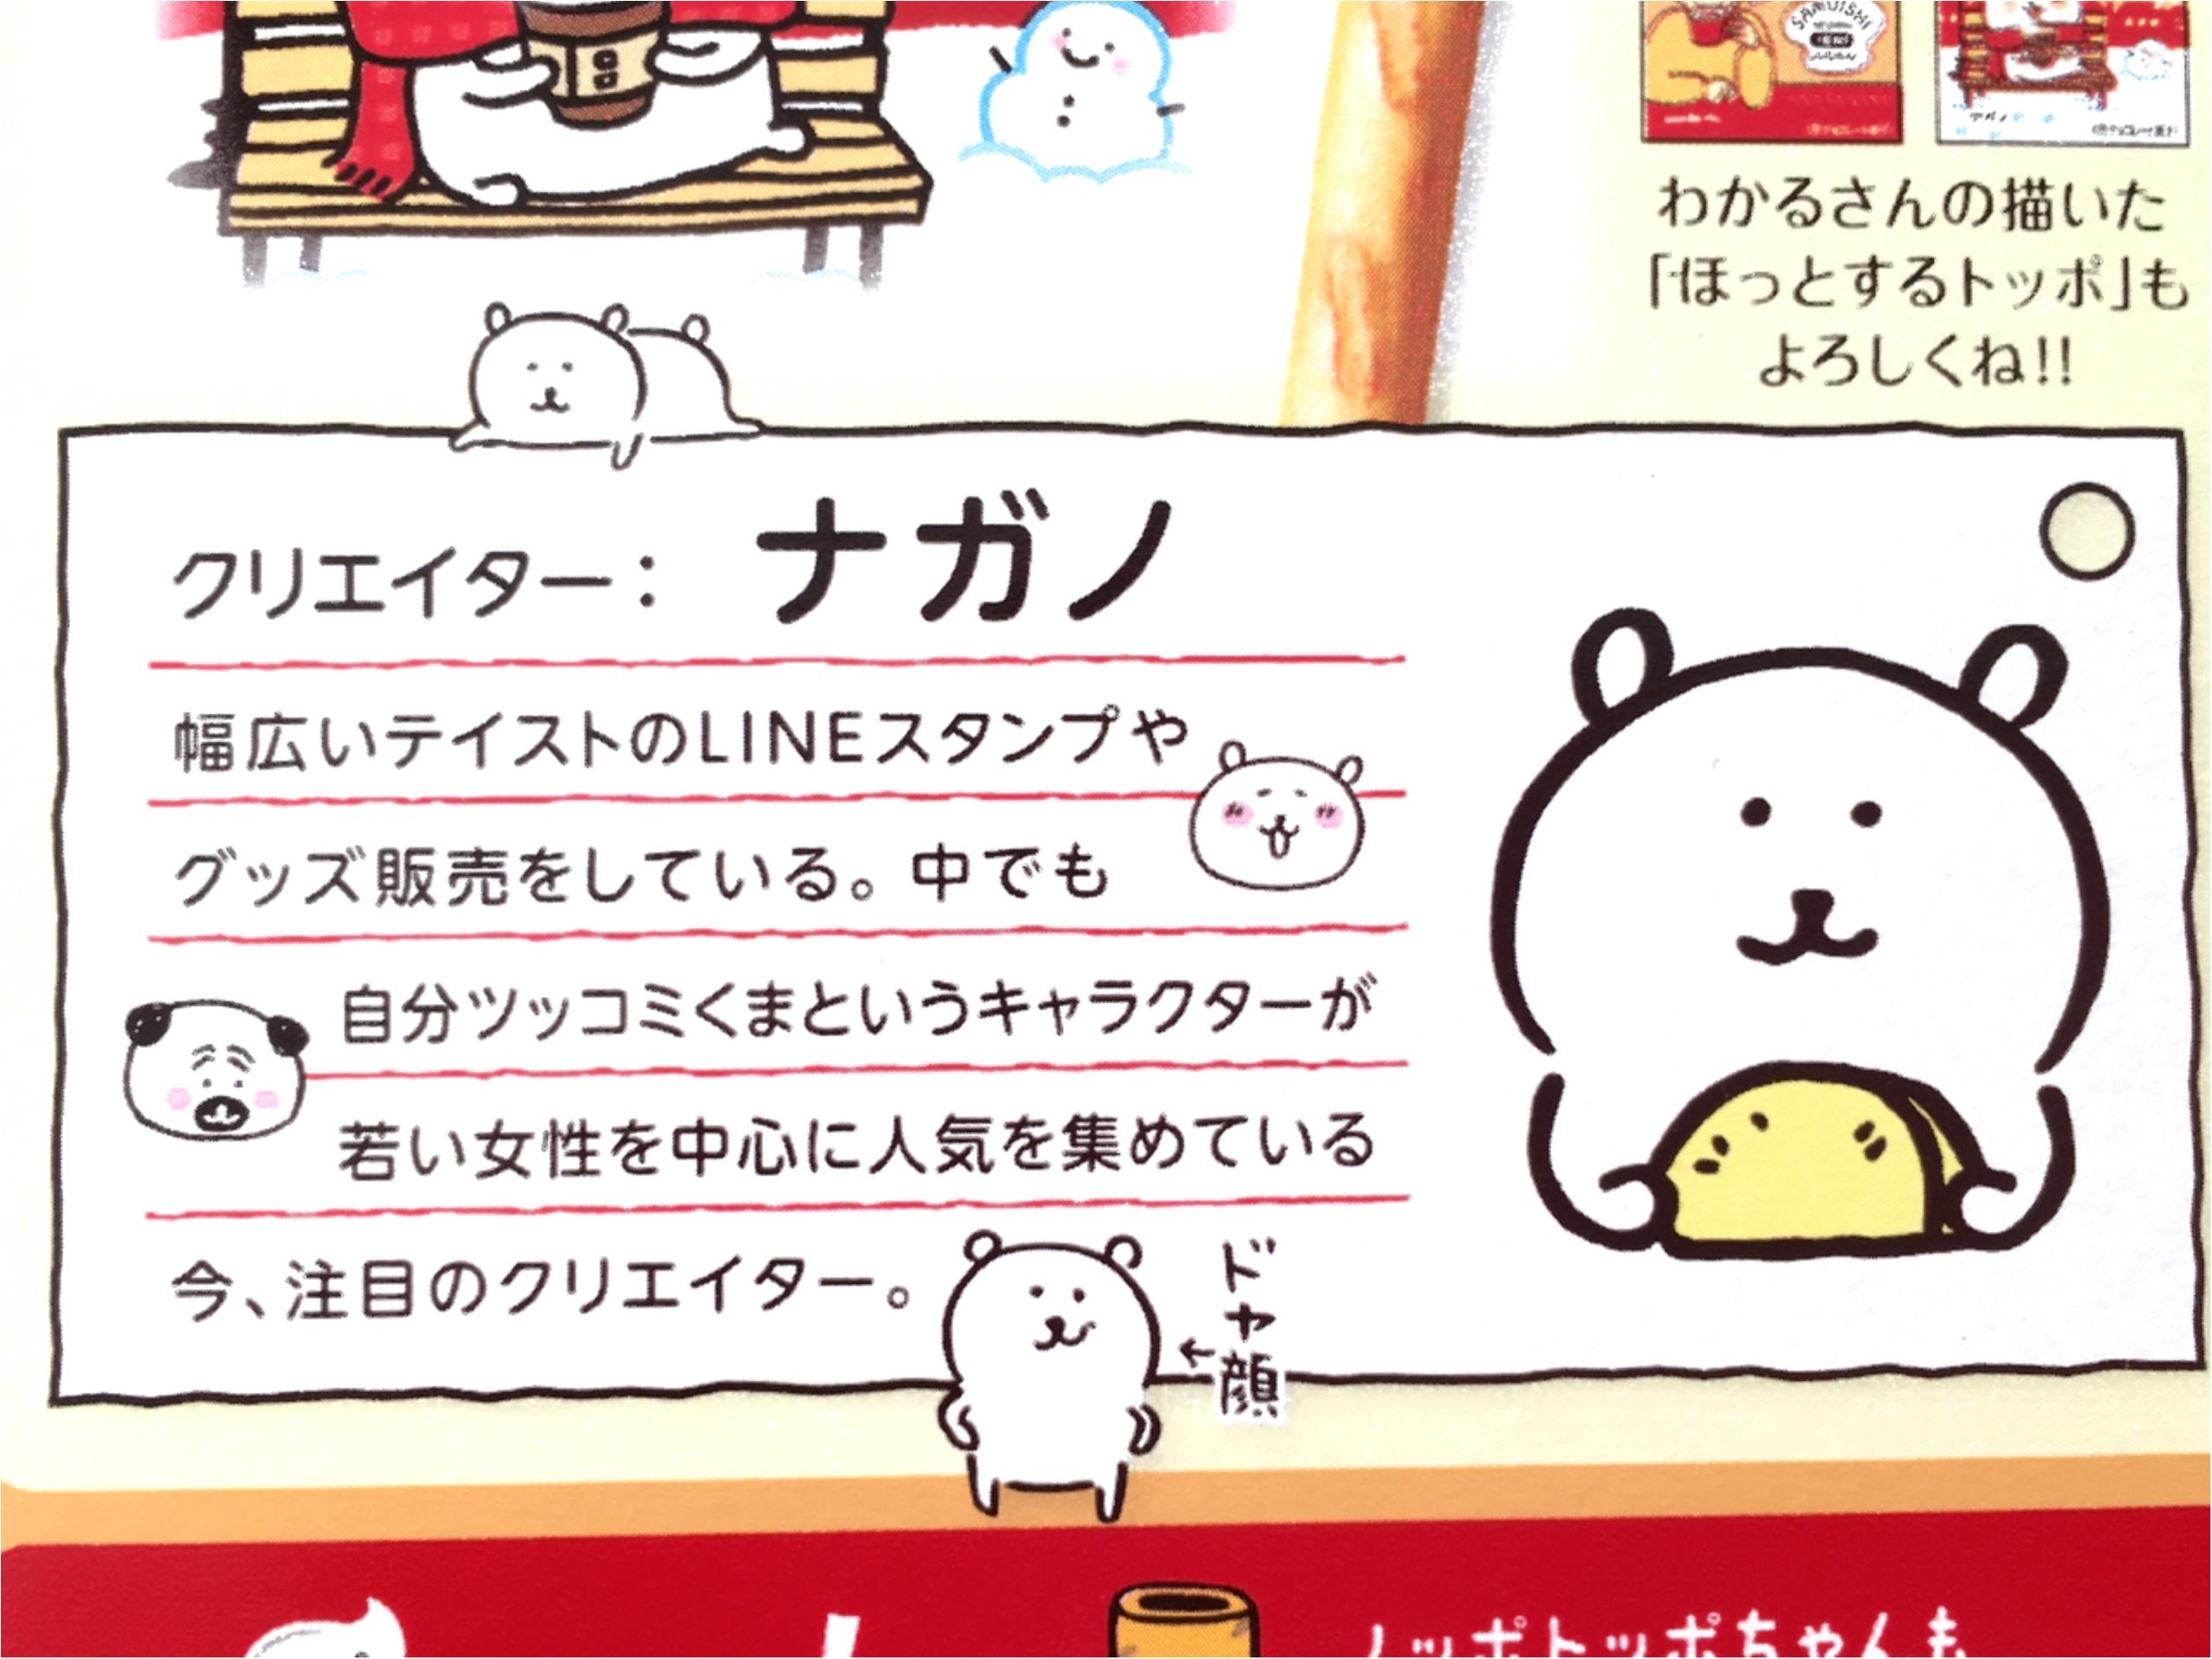 ほっとする【TOPPO(トッポ)】ミルクティー味が新登場♡「自分ツッコミくま」のナガノさんパッケージがかわいい!_3